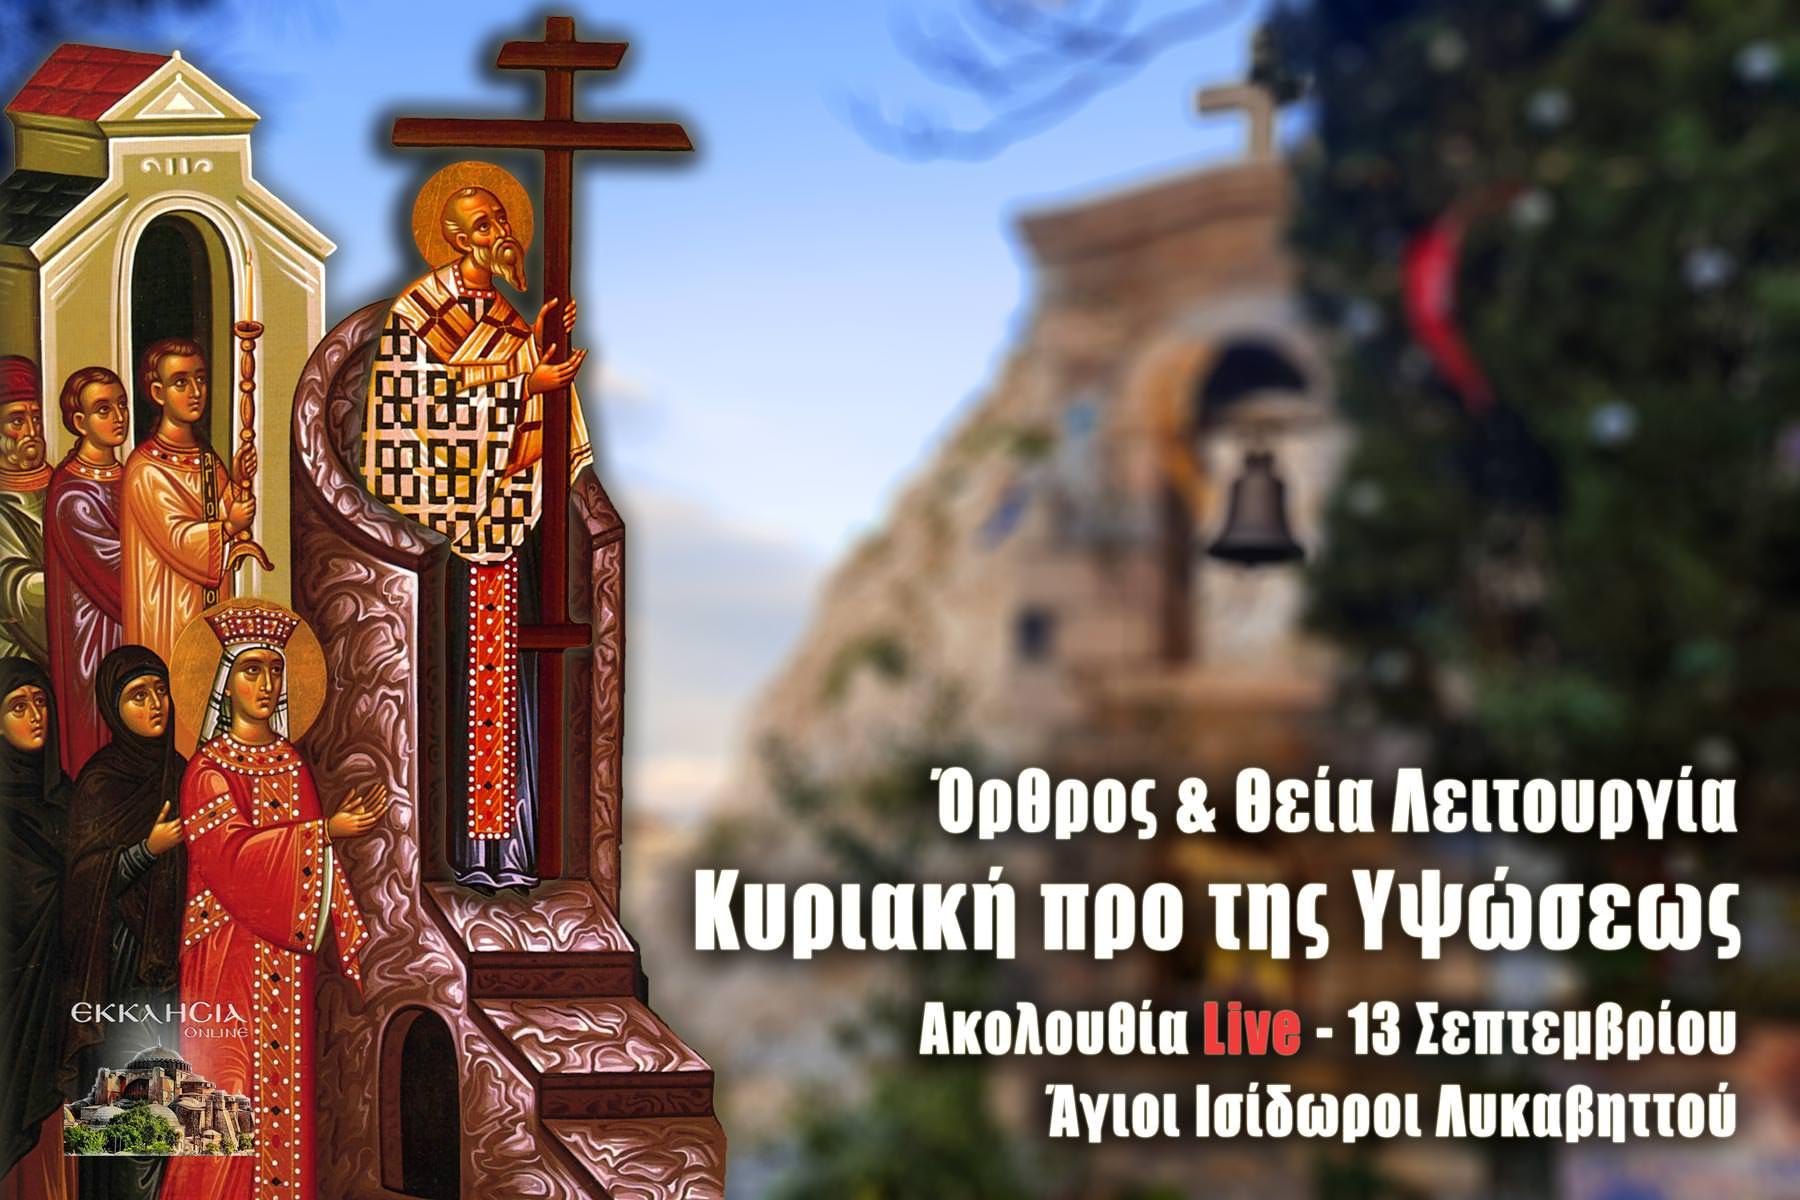 Κυριακή προ της Υψώσεως 13 Σεπτεμβρίου Live Άγιοι Ισίδωροι Λυκαβηττού